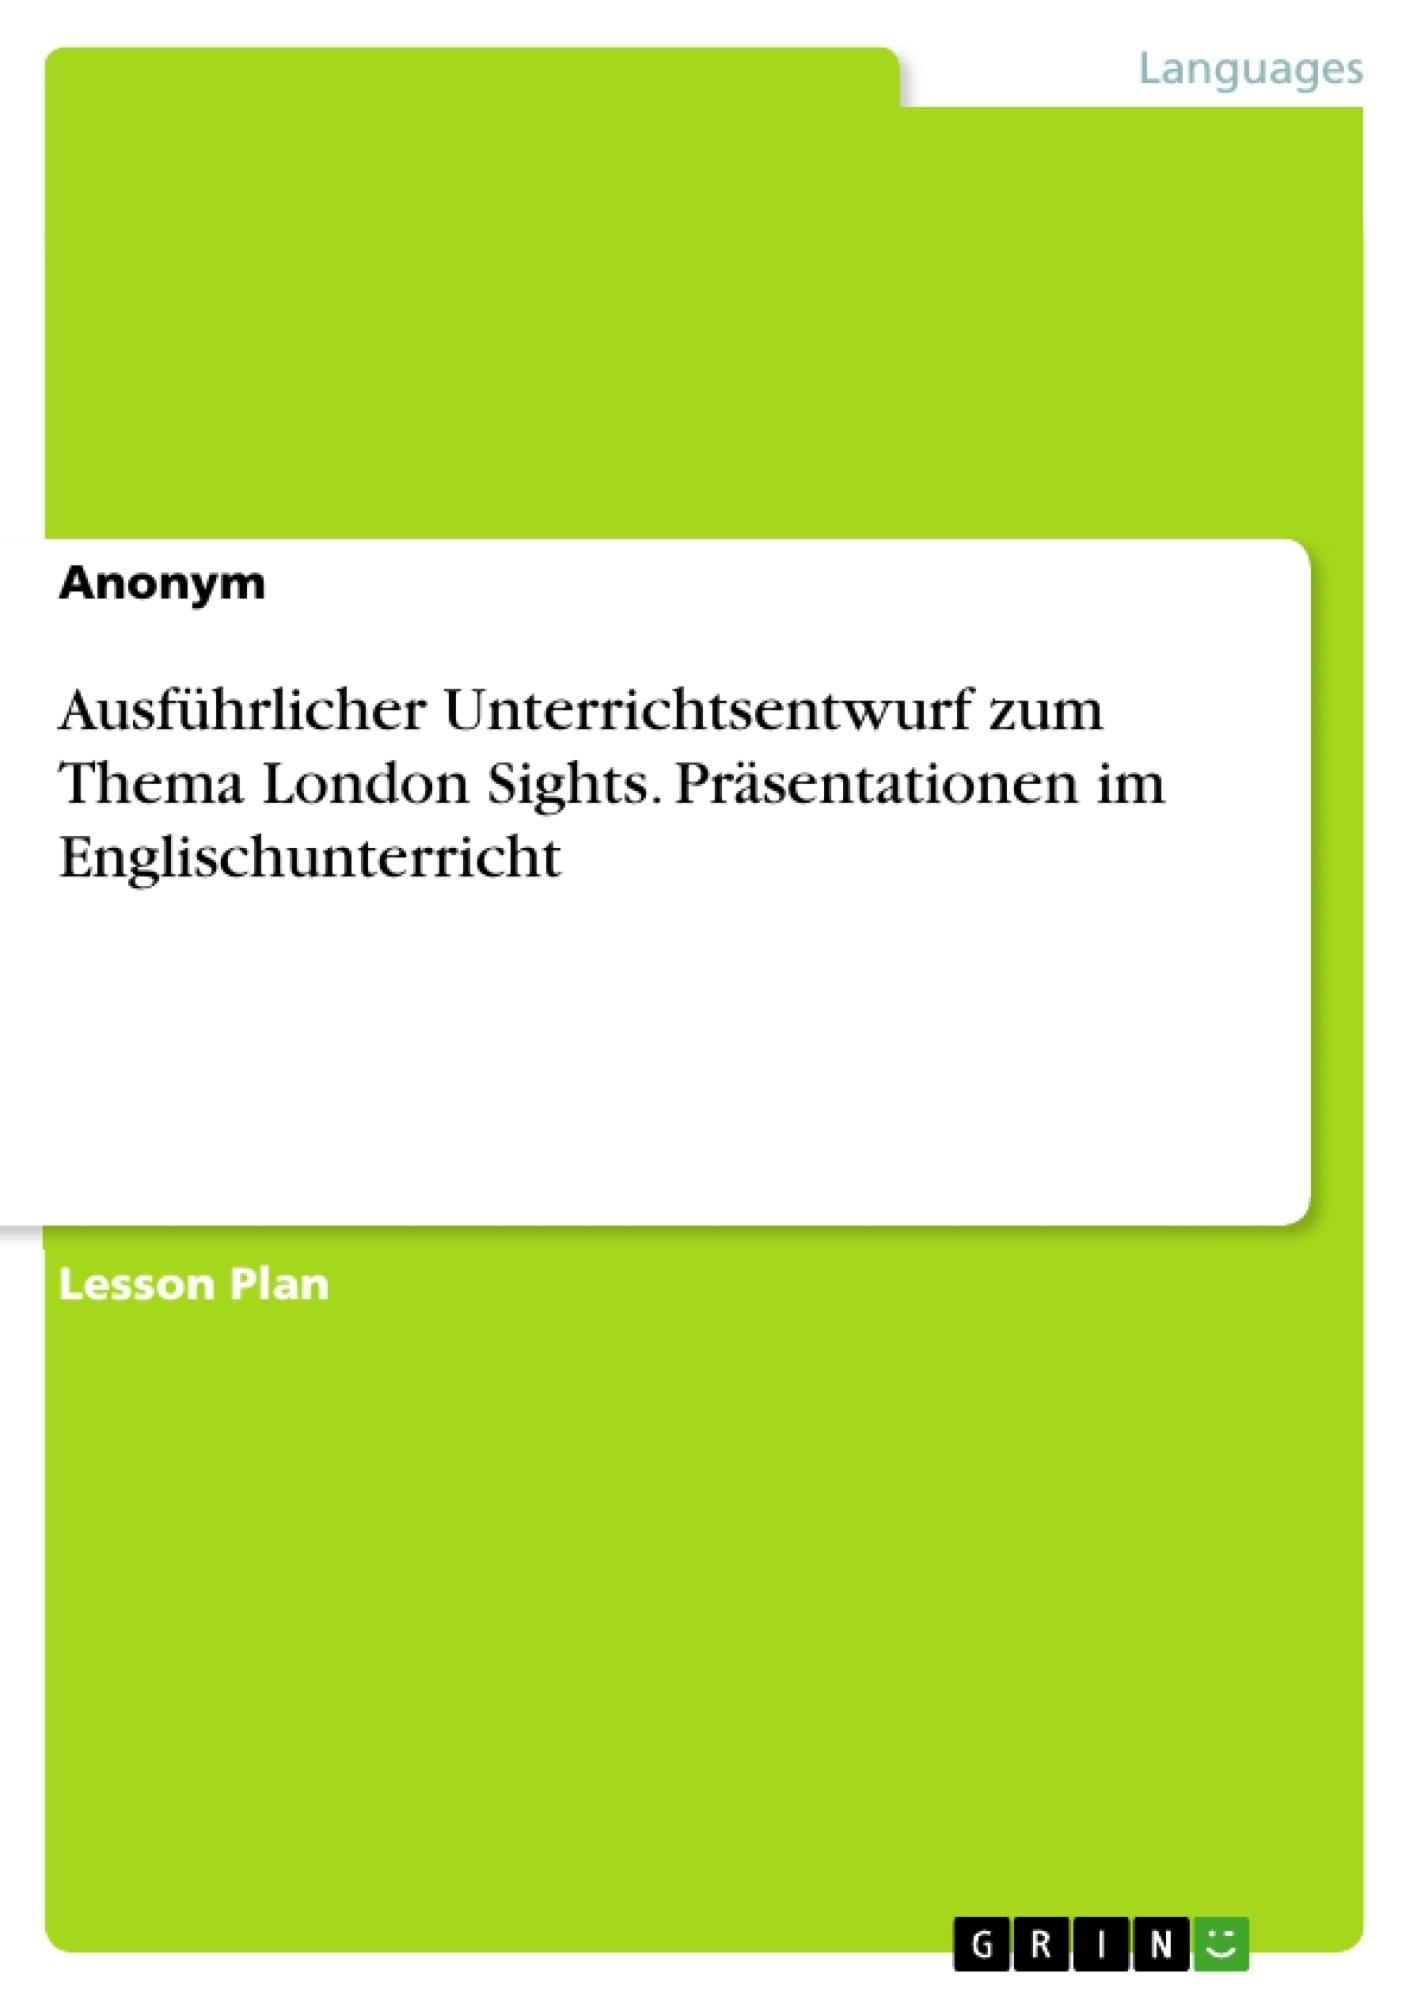 Title: Ausführlicher Unterrichtsentwurf zum Thema London Sights. Präsentationen im Englischunterricht